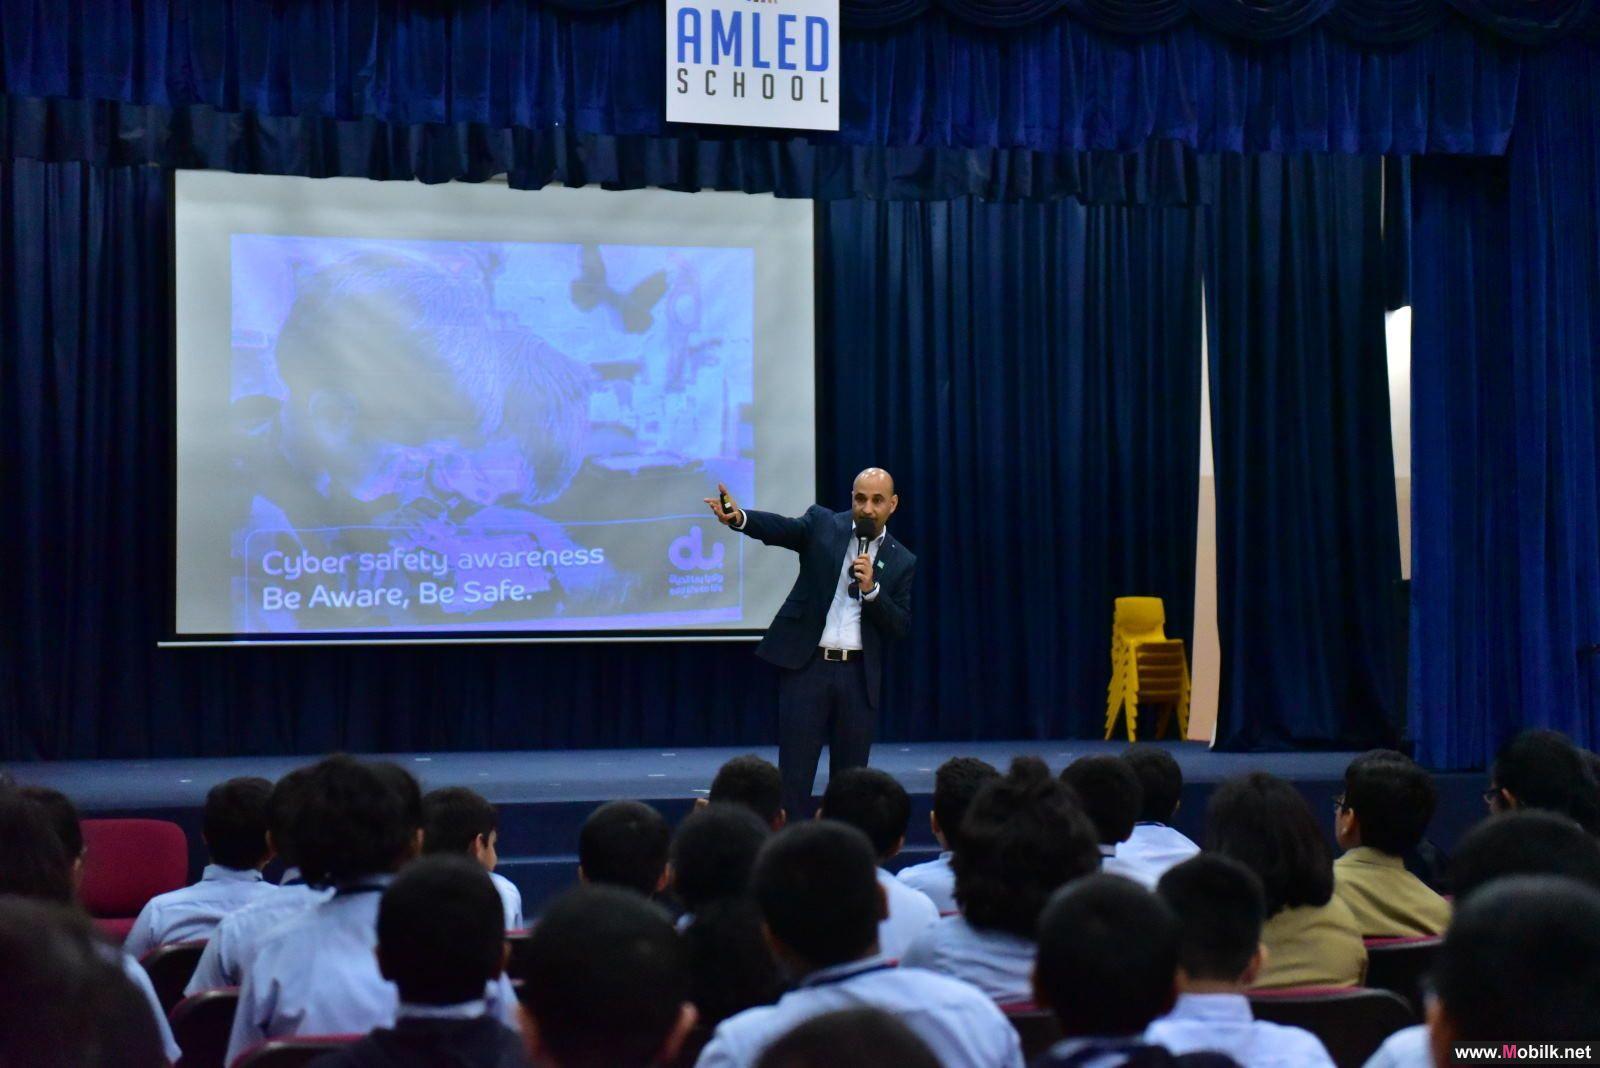 دو تعقد جلسات تفاعلية مع طلبة المدارس لتثقيفهم حول معايير السلامة الإلكترونية في دولة الإمارات